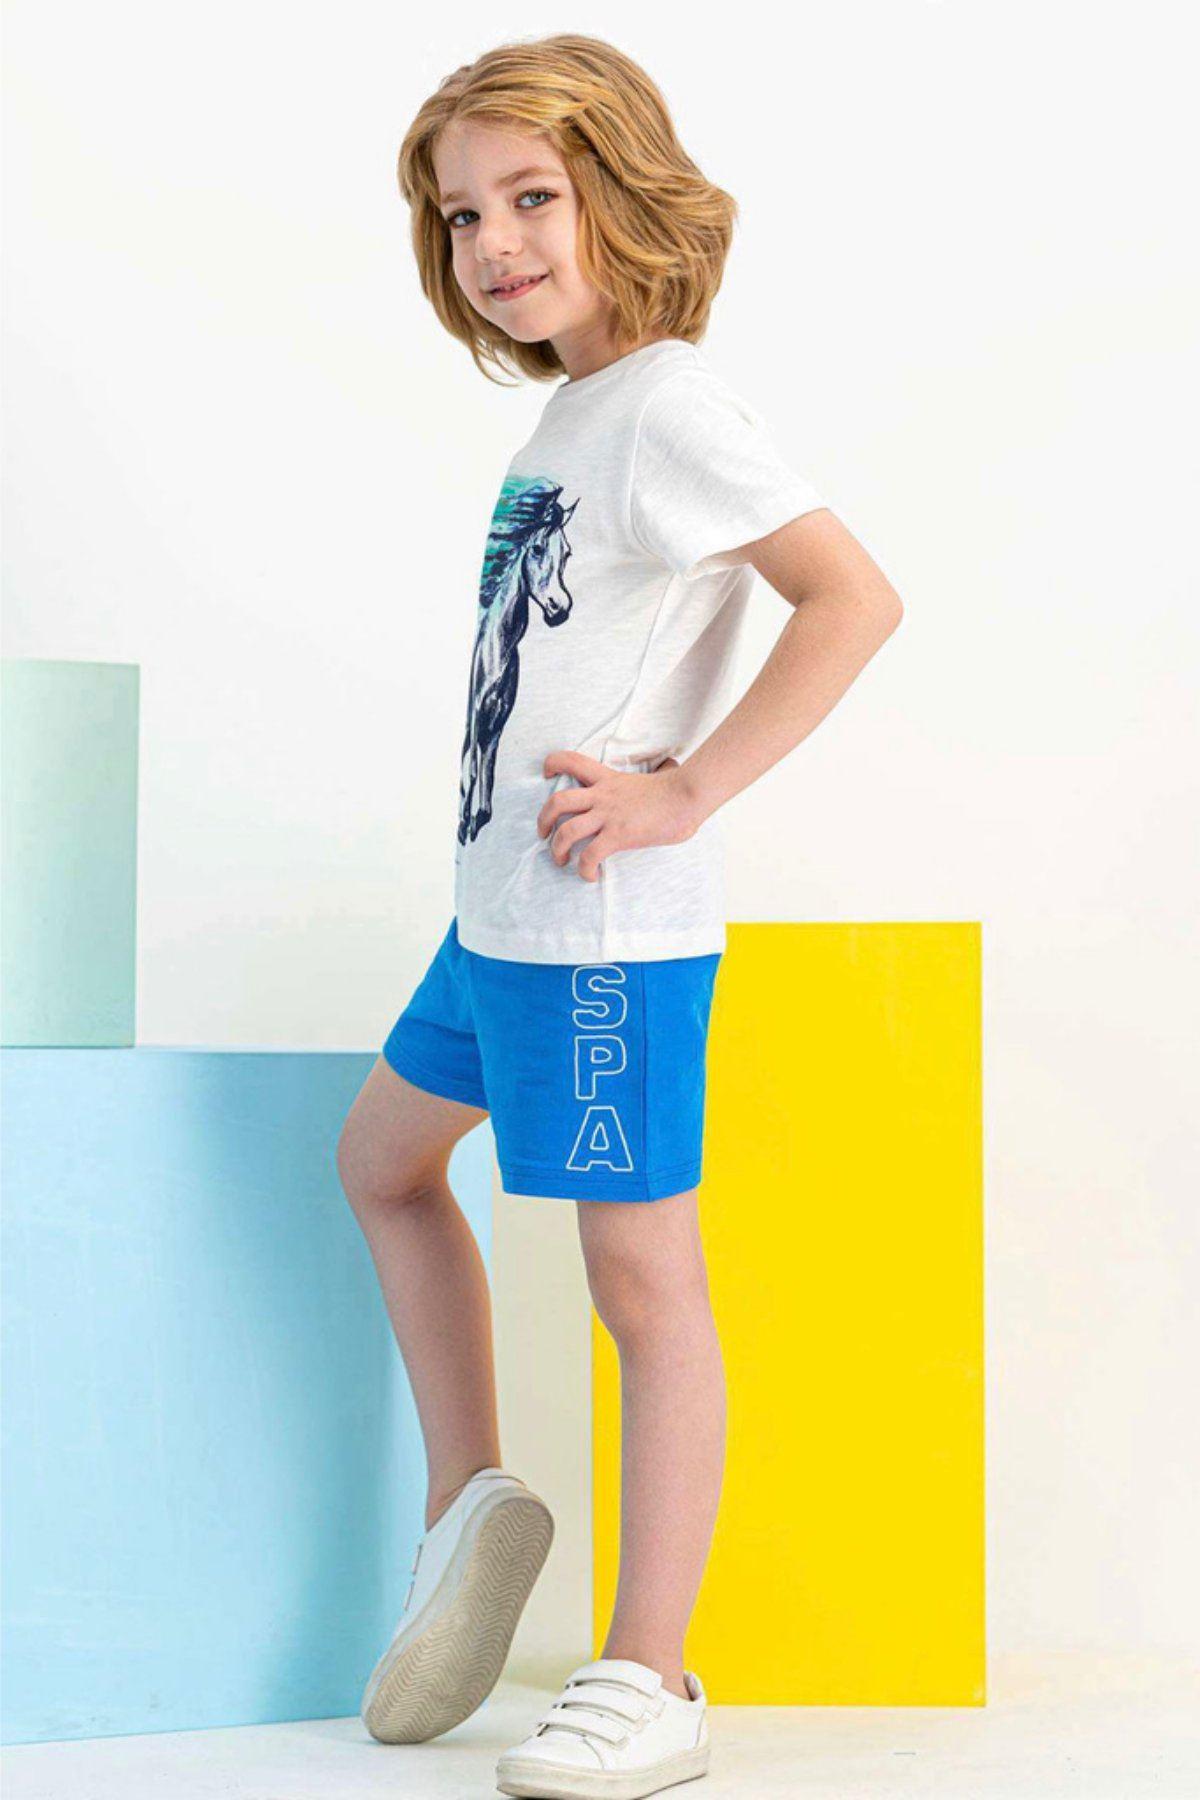 4-7 Yaş Us Polo ASSN Lisanslı Fast Beyaz Erkek Çocuk Takım